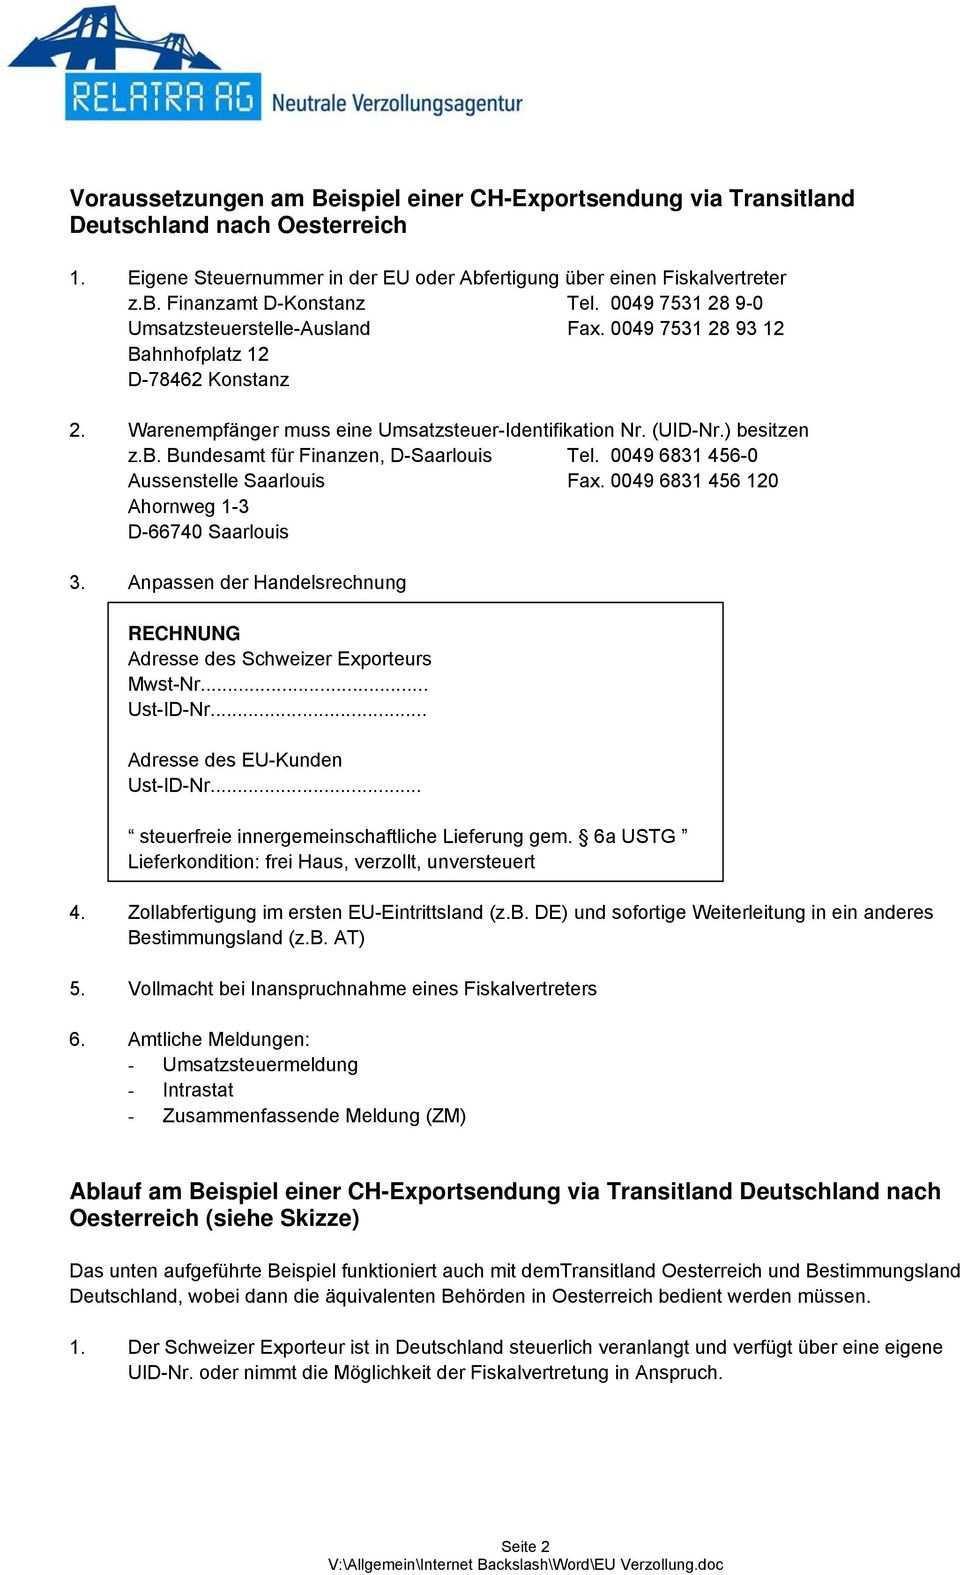 Voraussetzungen Am Beispiel Einer Ch Exportsendung Via Transitland Deutschland Nach Oesterreich Pdf Kostenfreier Download